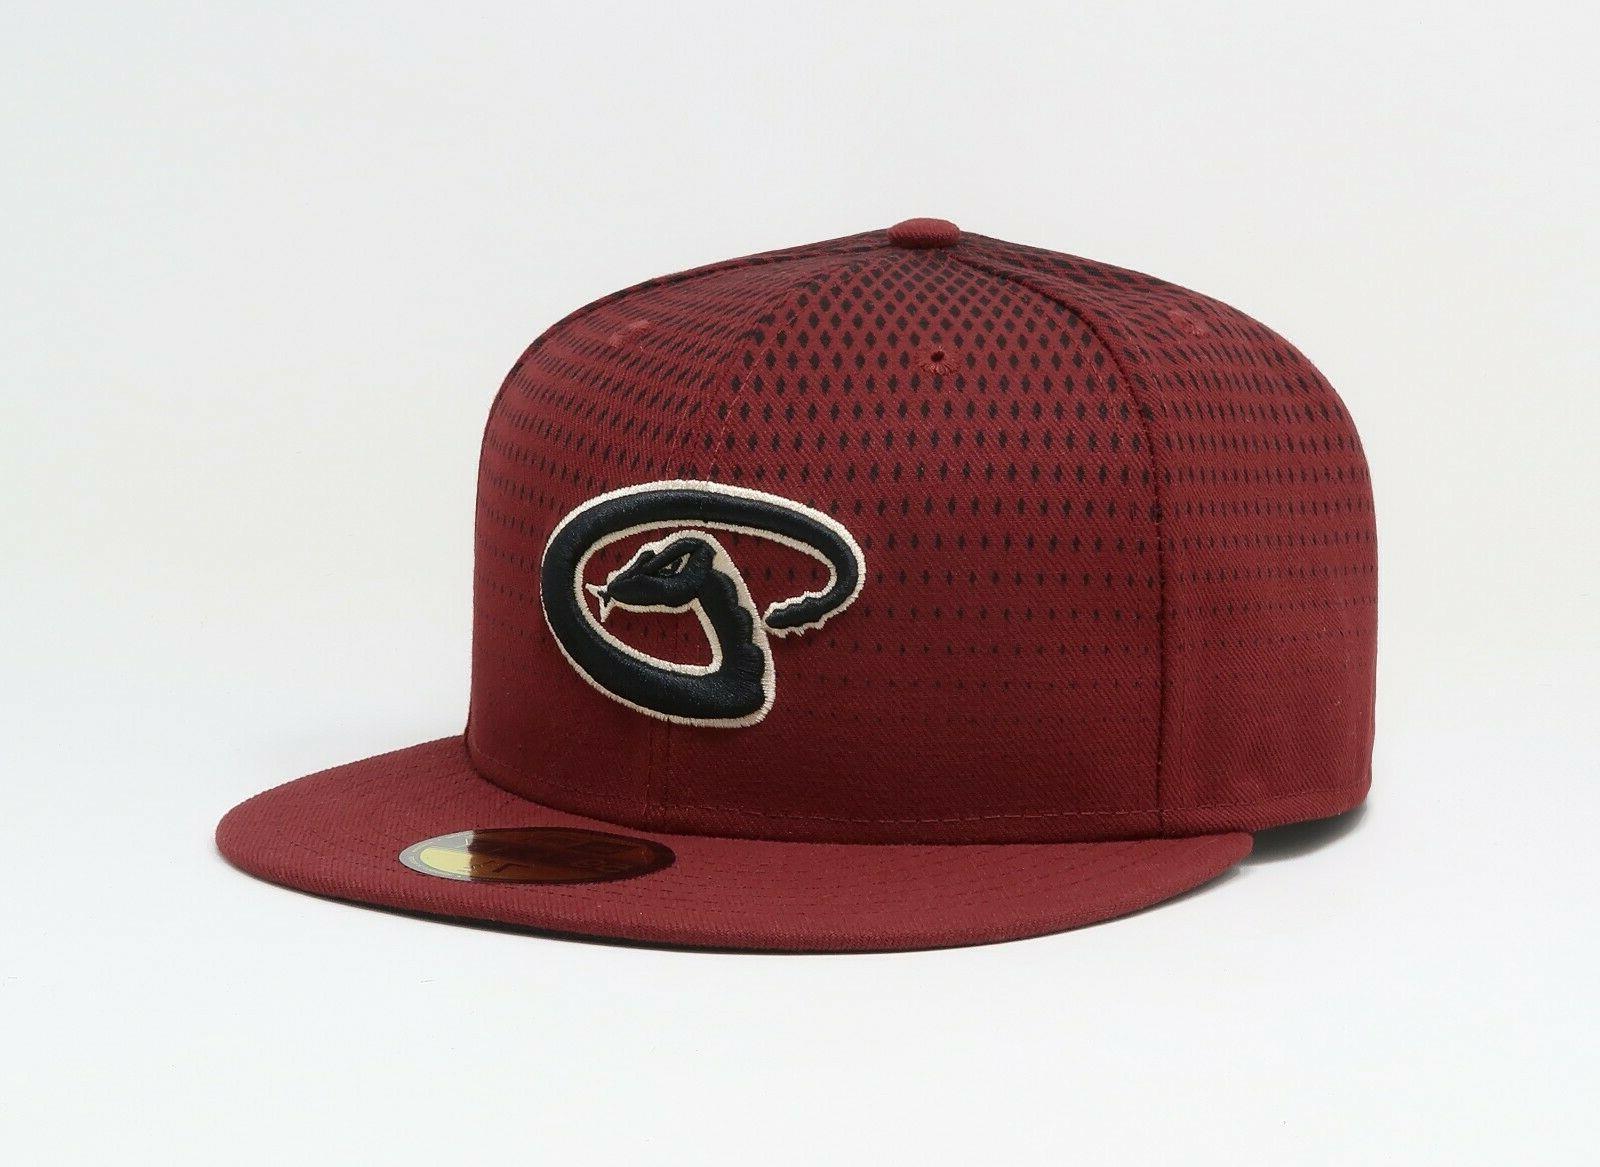 New Era 59Fifty Men Hat Alternate